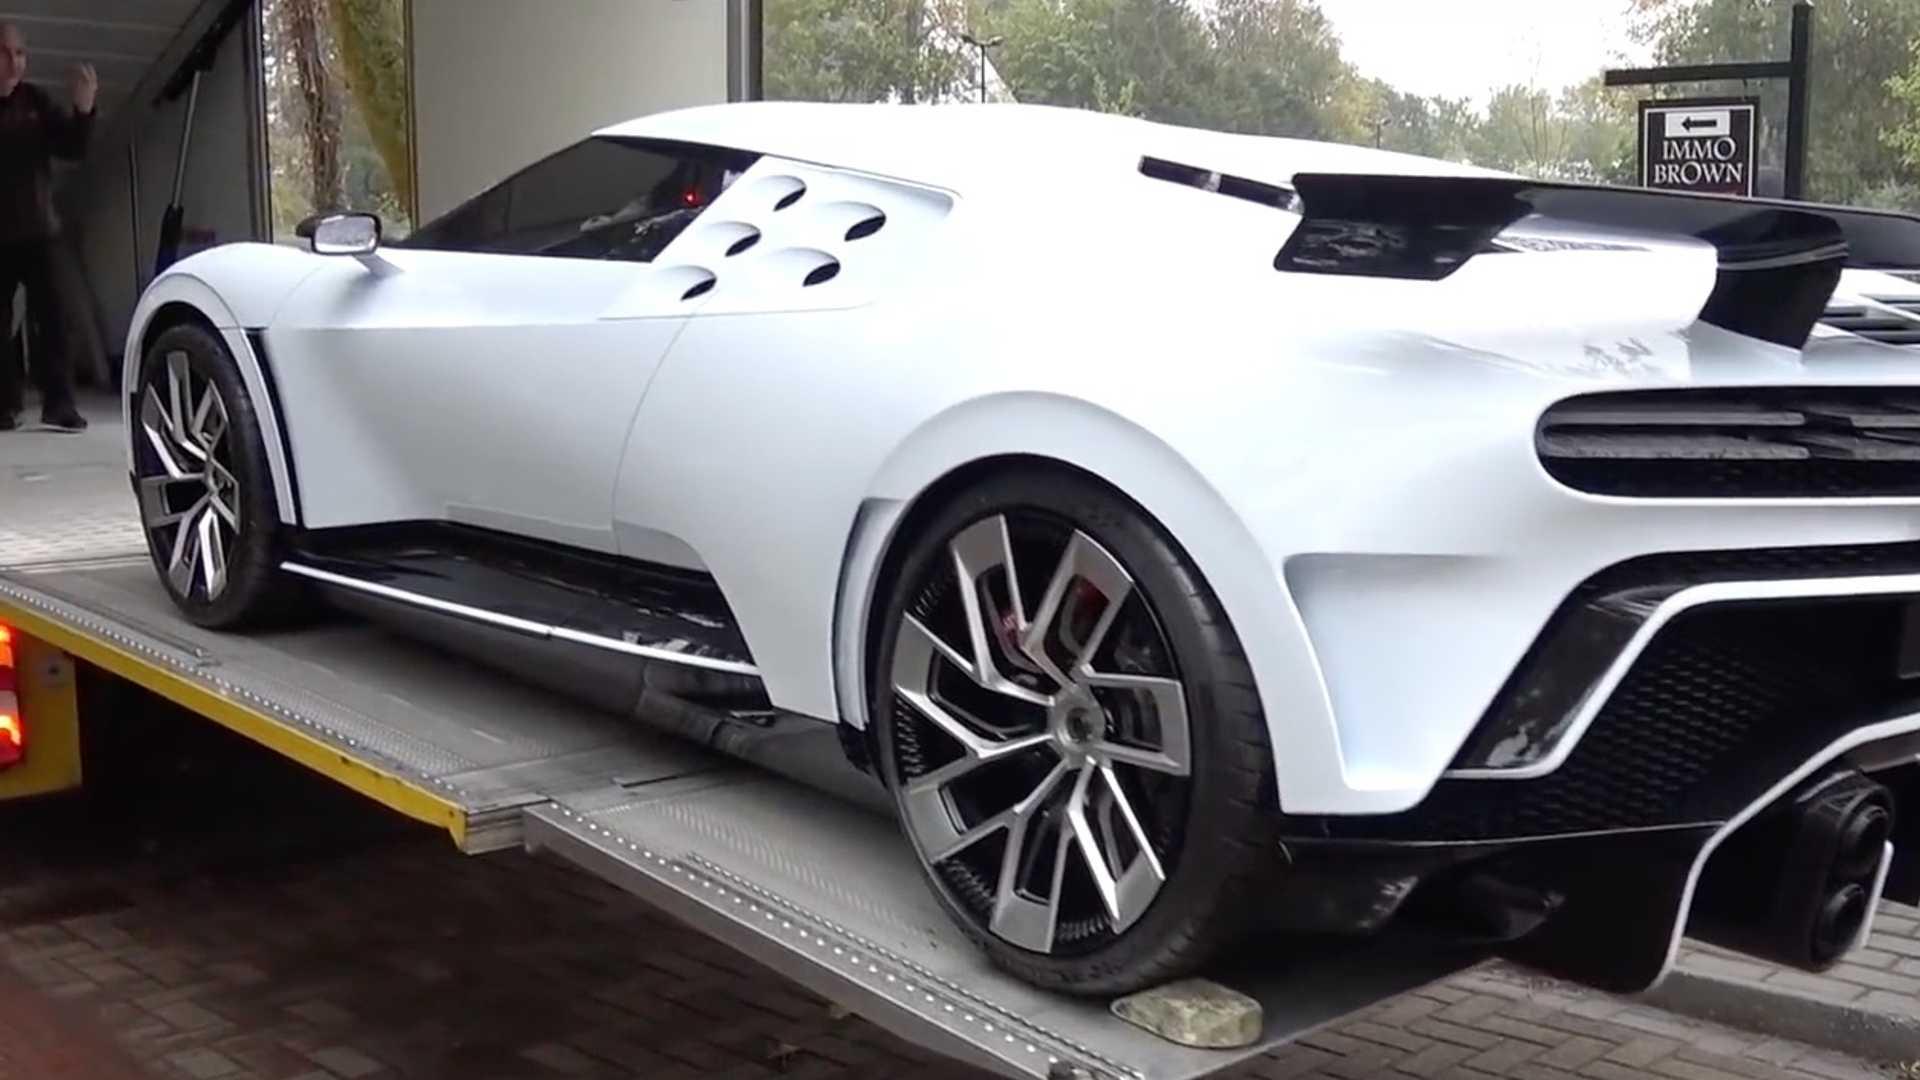 900万美金,1577马力!布加迪于圆石滩展出新超跑Centodieci